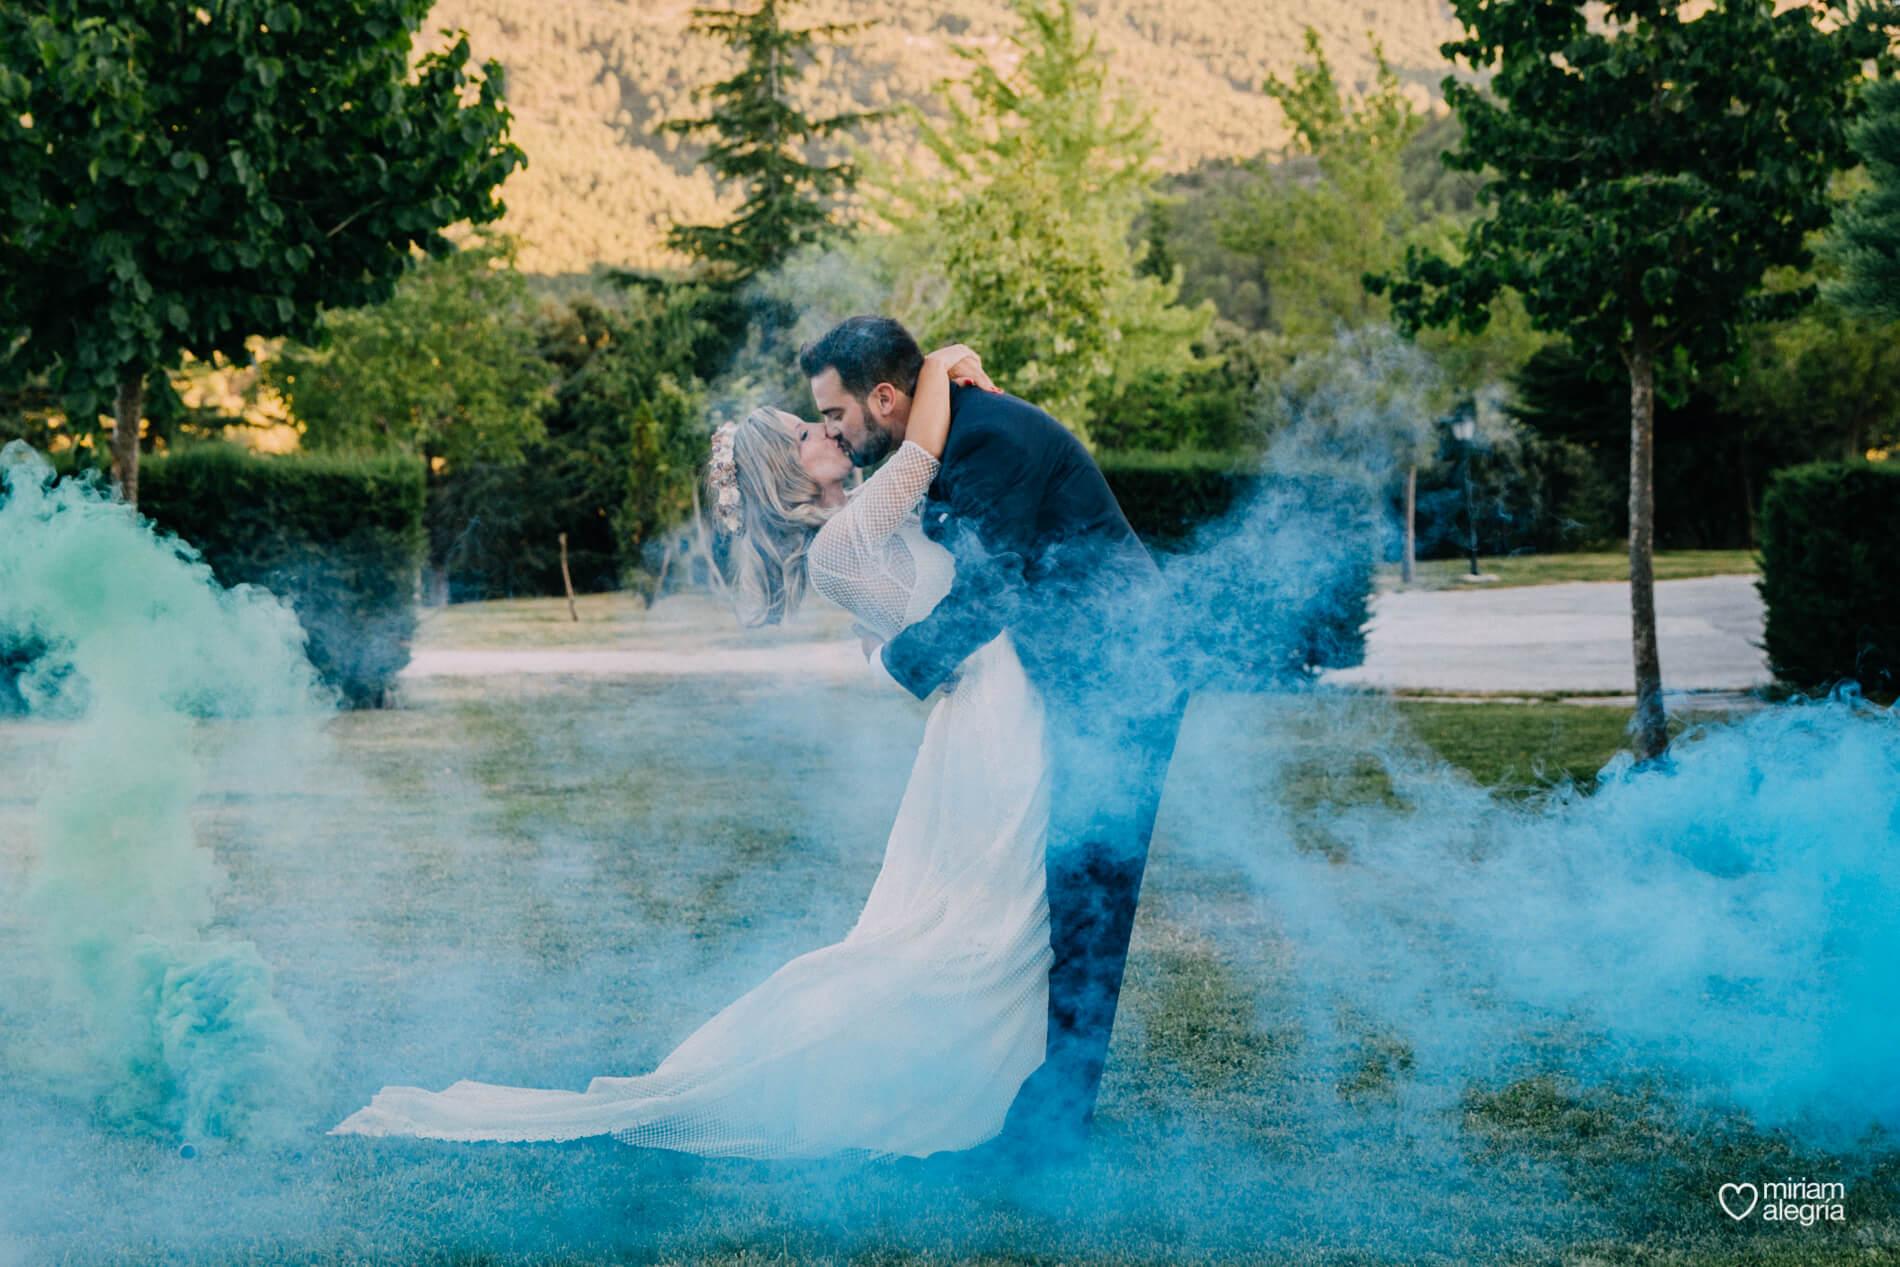 boda-en-collados-miriam-alegria-cayetana-ferrer-81